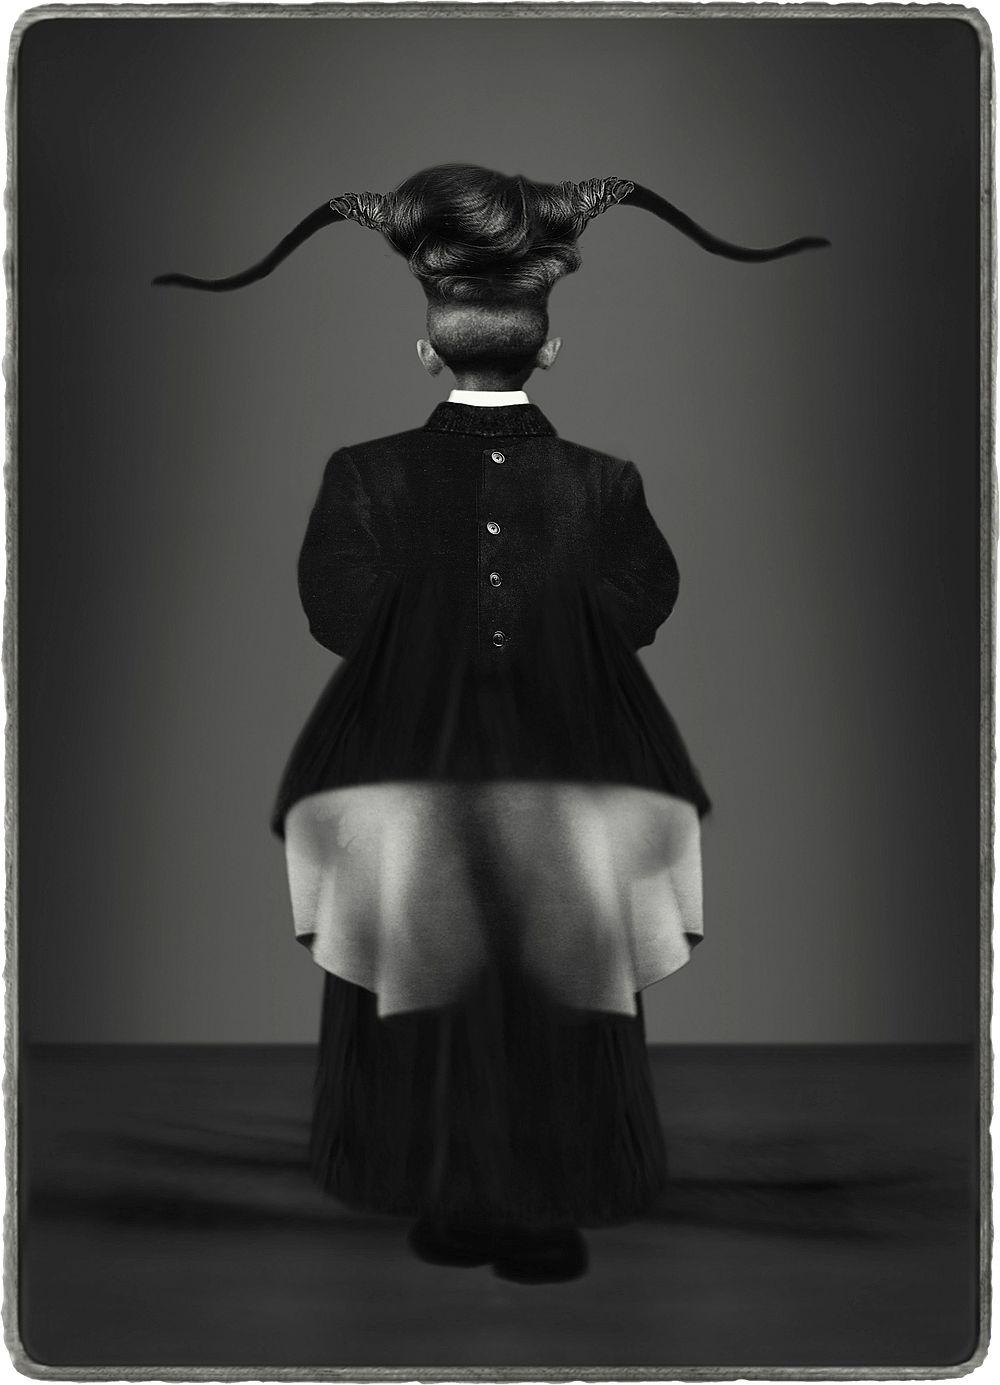 schilte-portielje-conceptual-photographers-04